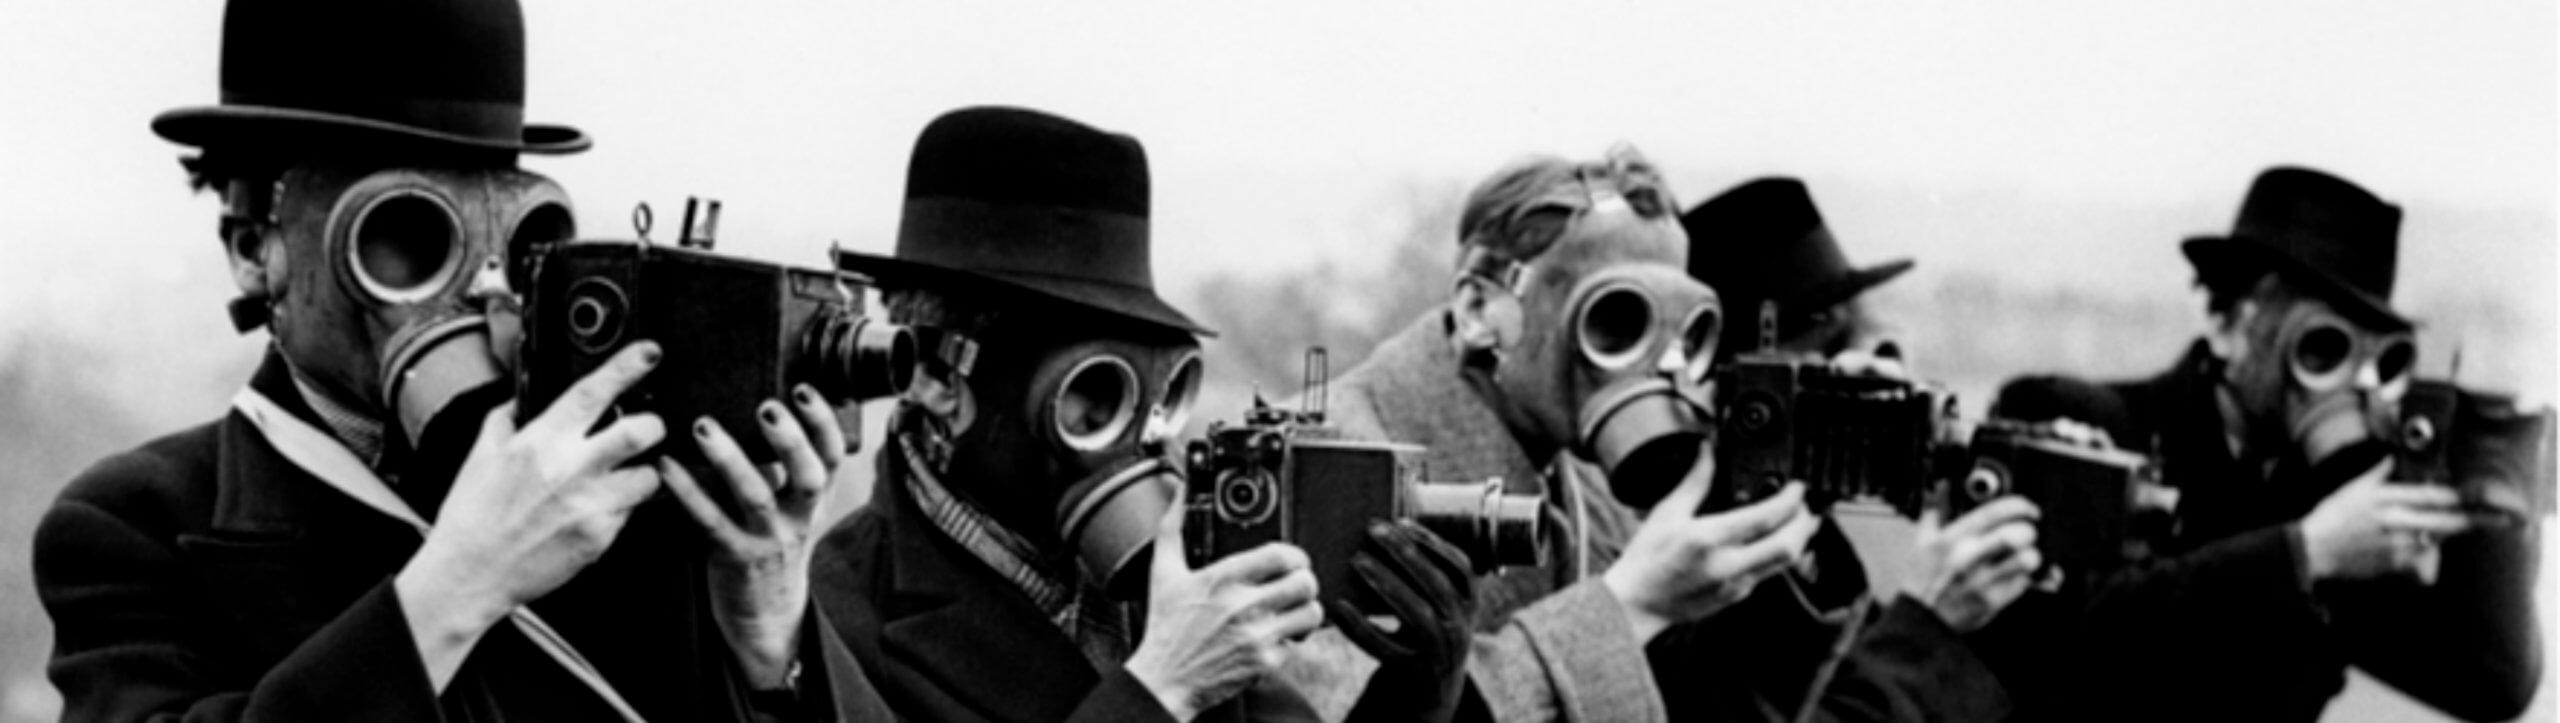 Centre de la Photographie Genève - Que faites-vous quand vous ne faites rien ?